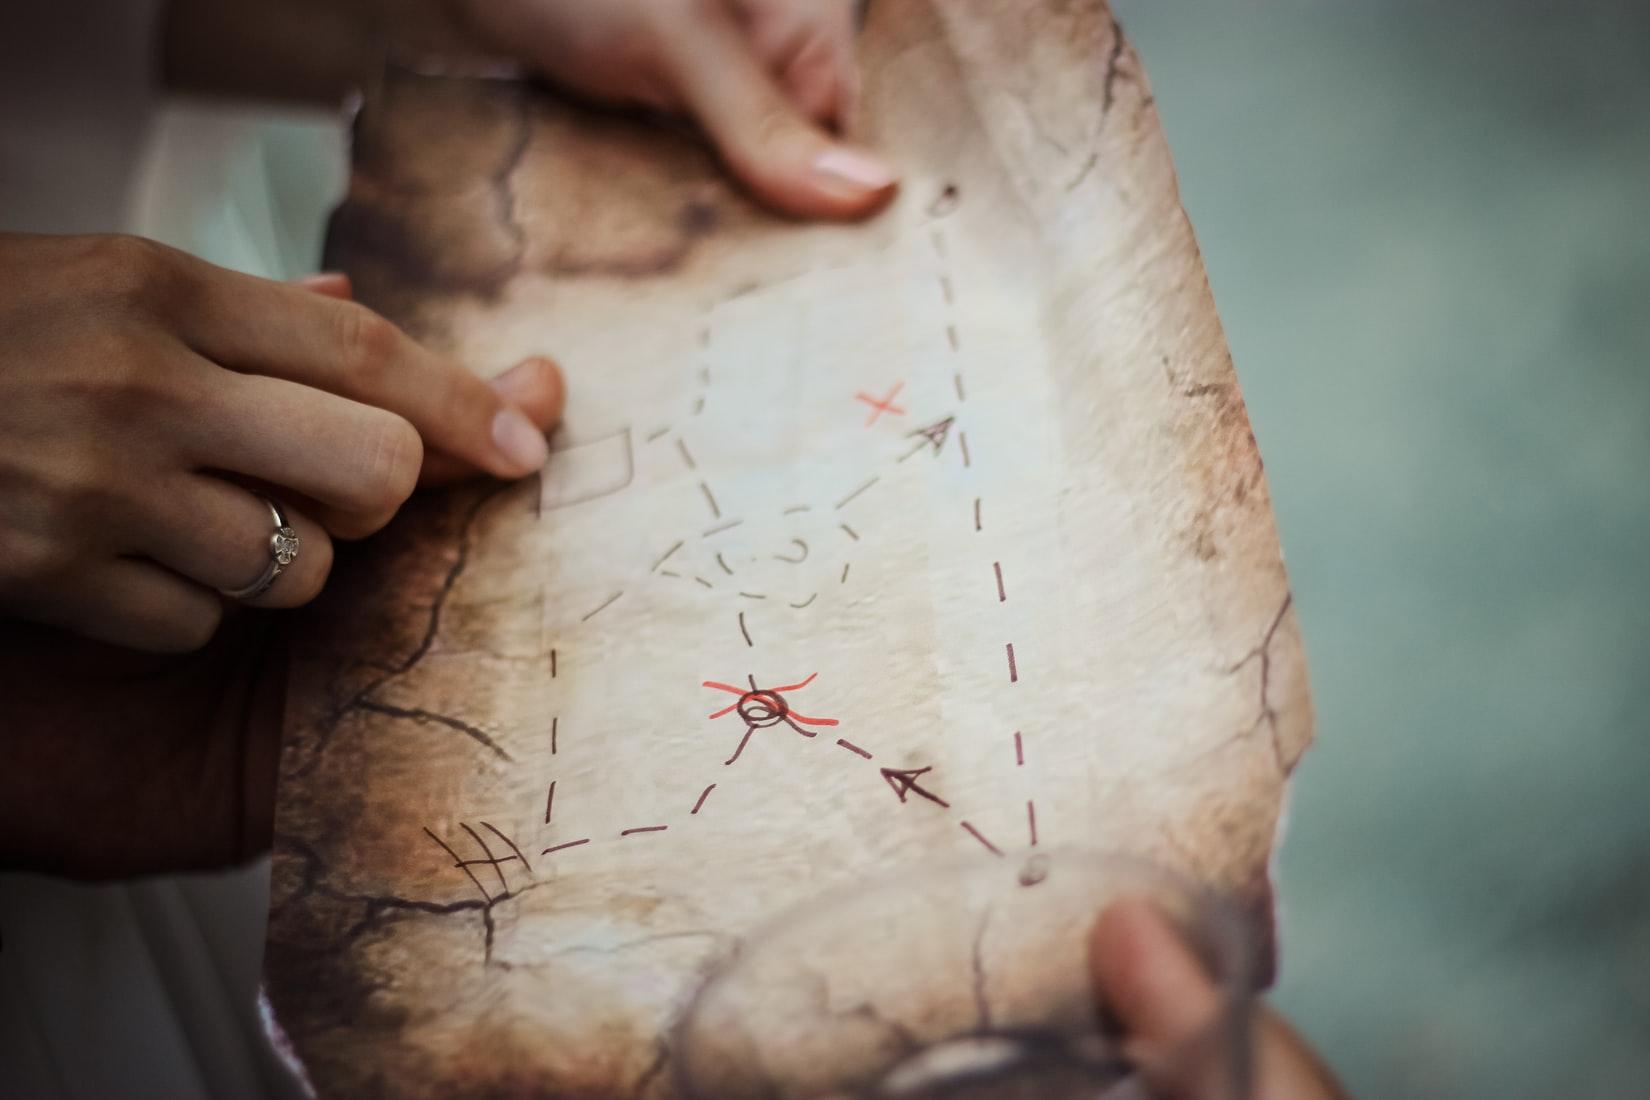 Iemand die met twee handen een schatkaart vasthoudt en op zoek is naar de route die te zien is door de peilen, streepjes en rode kruizen